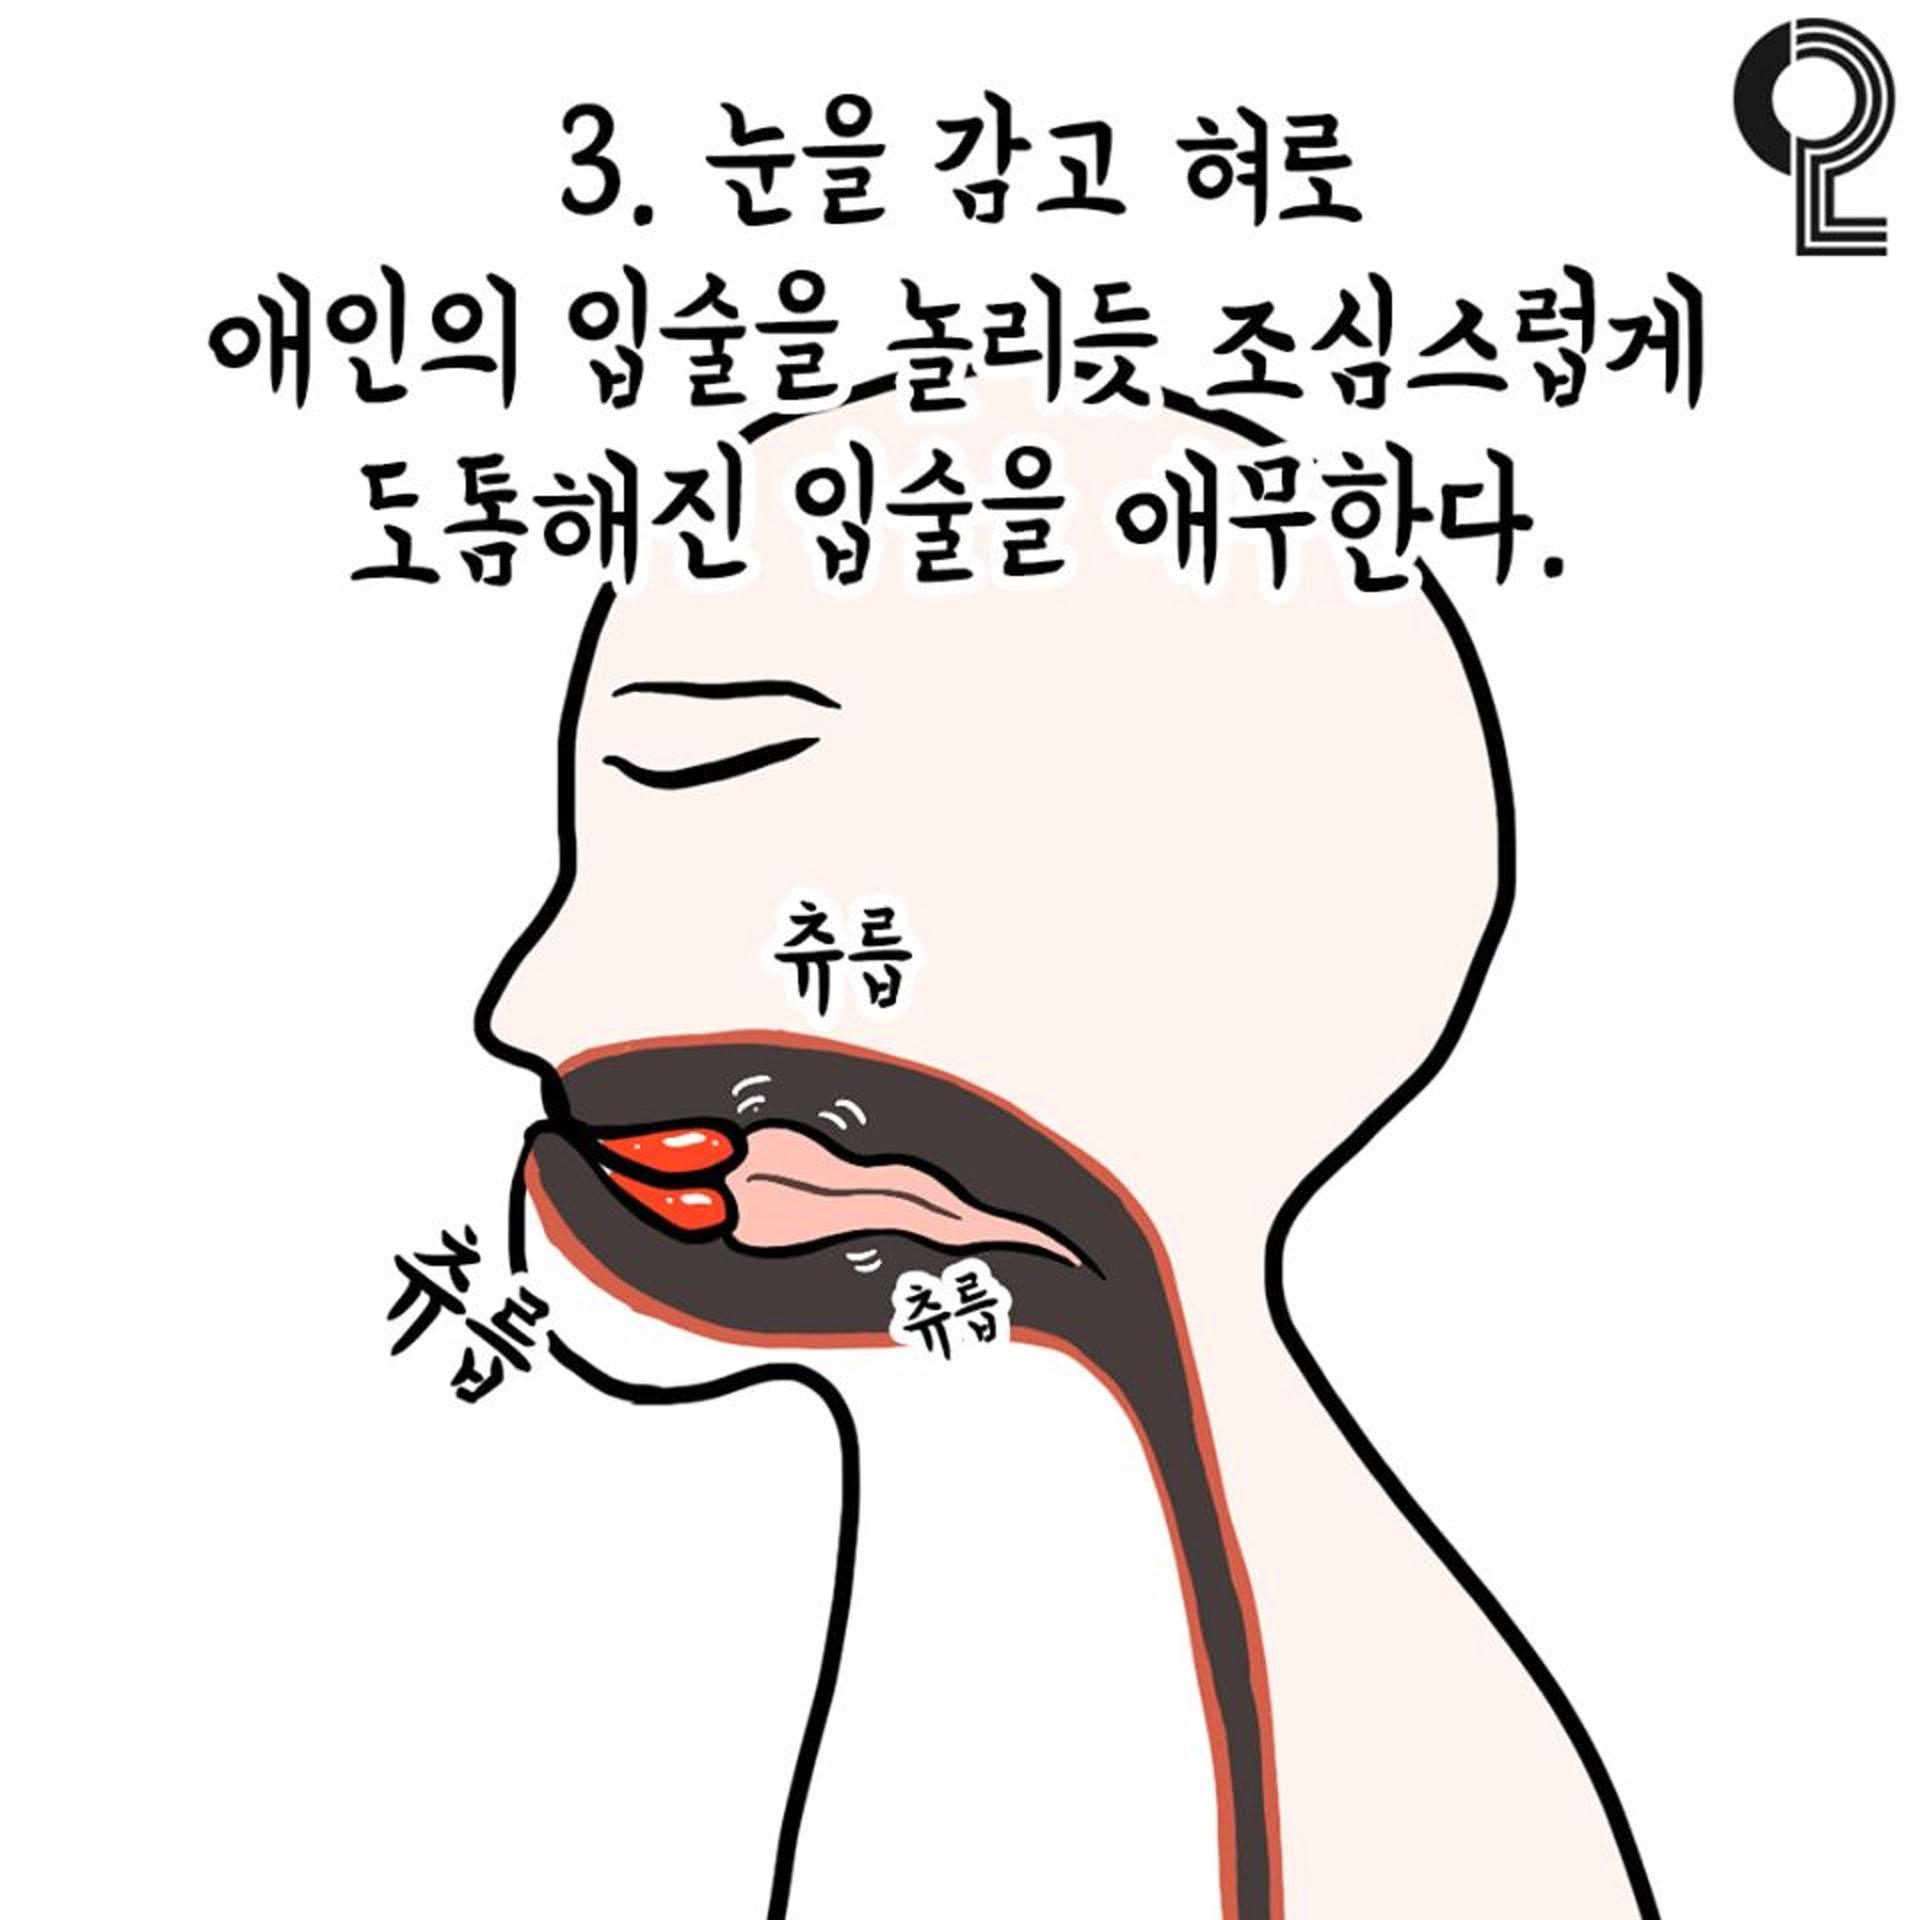 3. 閉上眼睛,想像自己像在和戀人接吻一樣,撫摸變得豐厚的嘴唇。簡單來說其實就是在嘴巴乾燥時的抆唇動作吧!